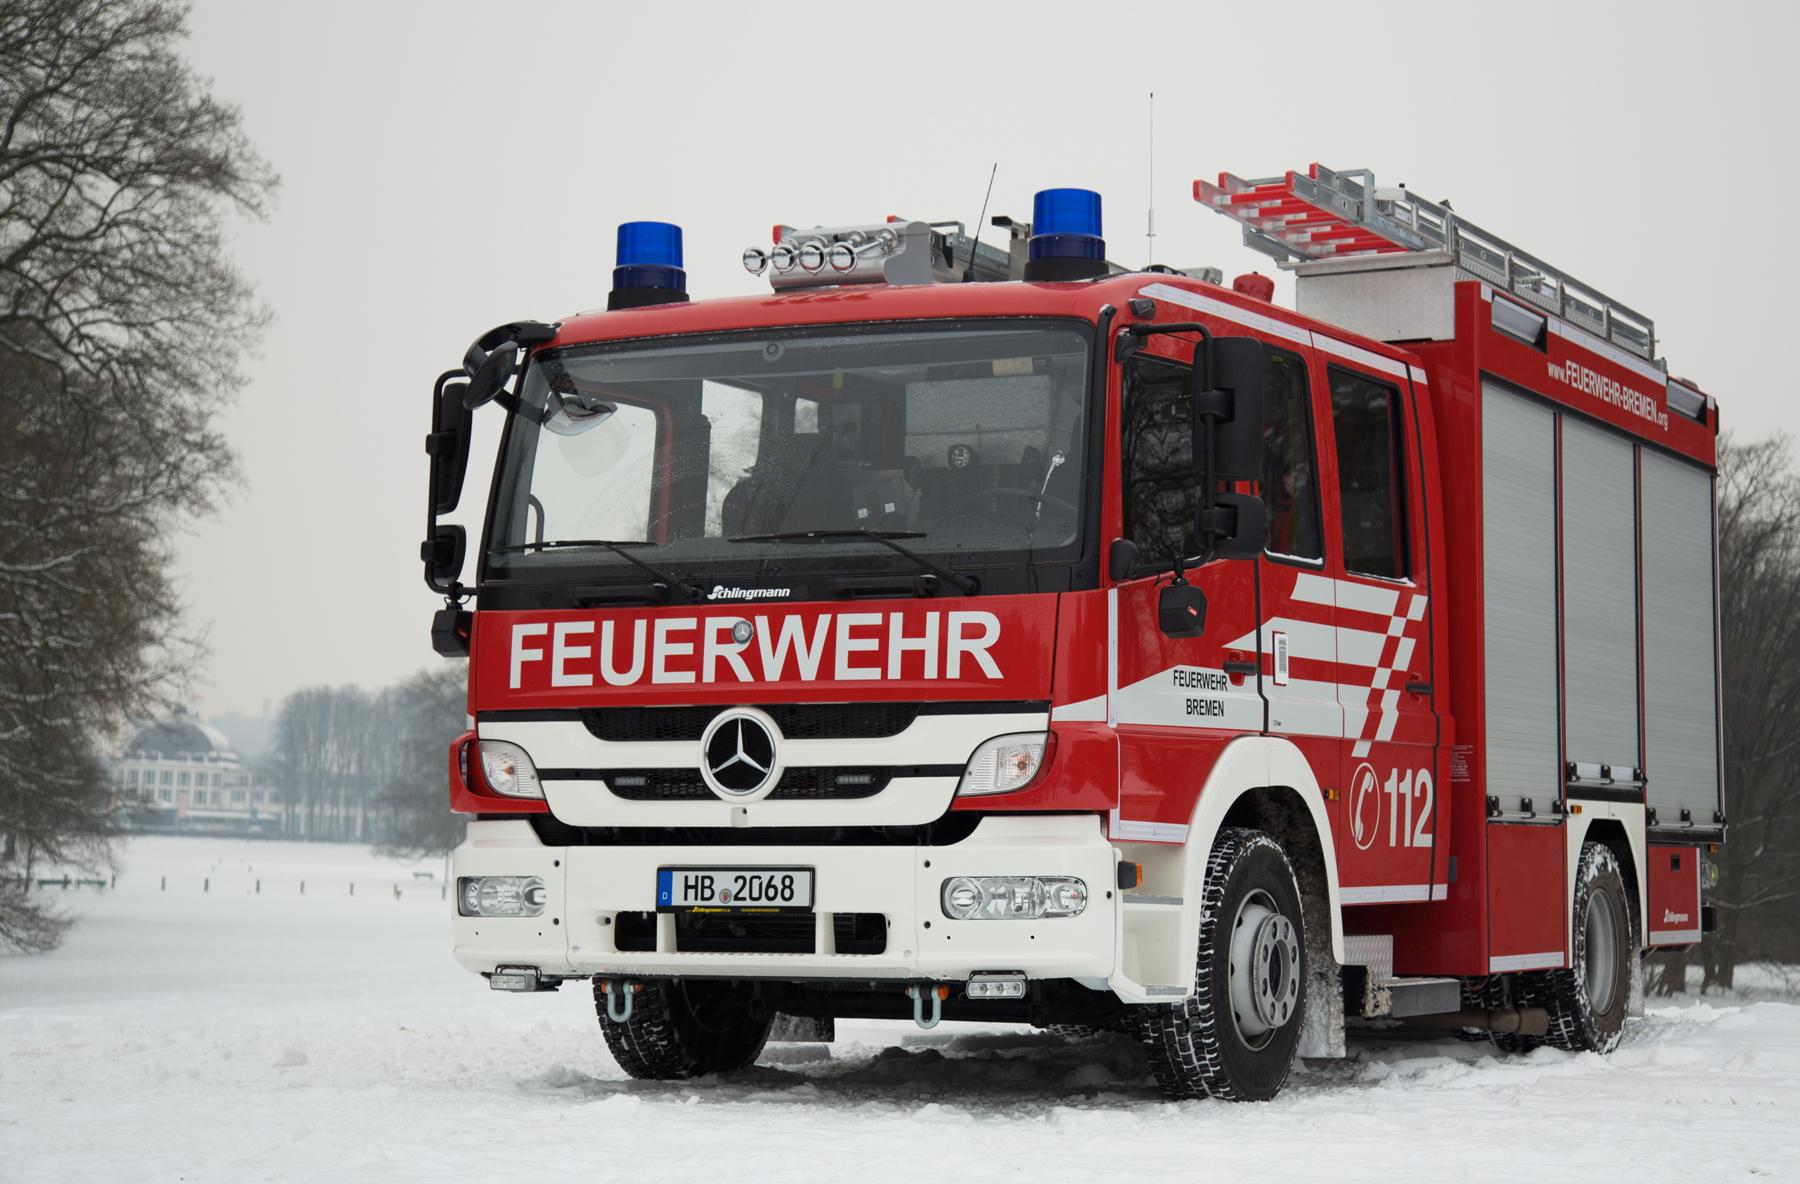 Fachausschuss Vorbeugender Brand- und Gefahrtenschutz (FA VB/G)